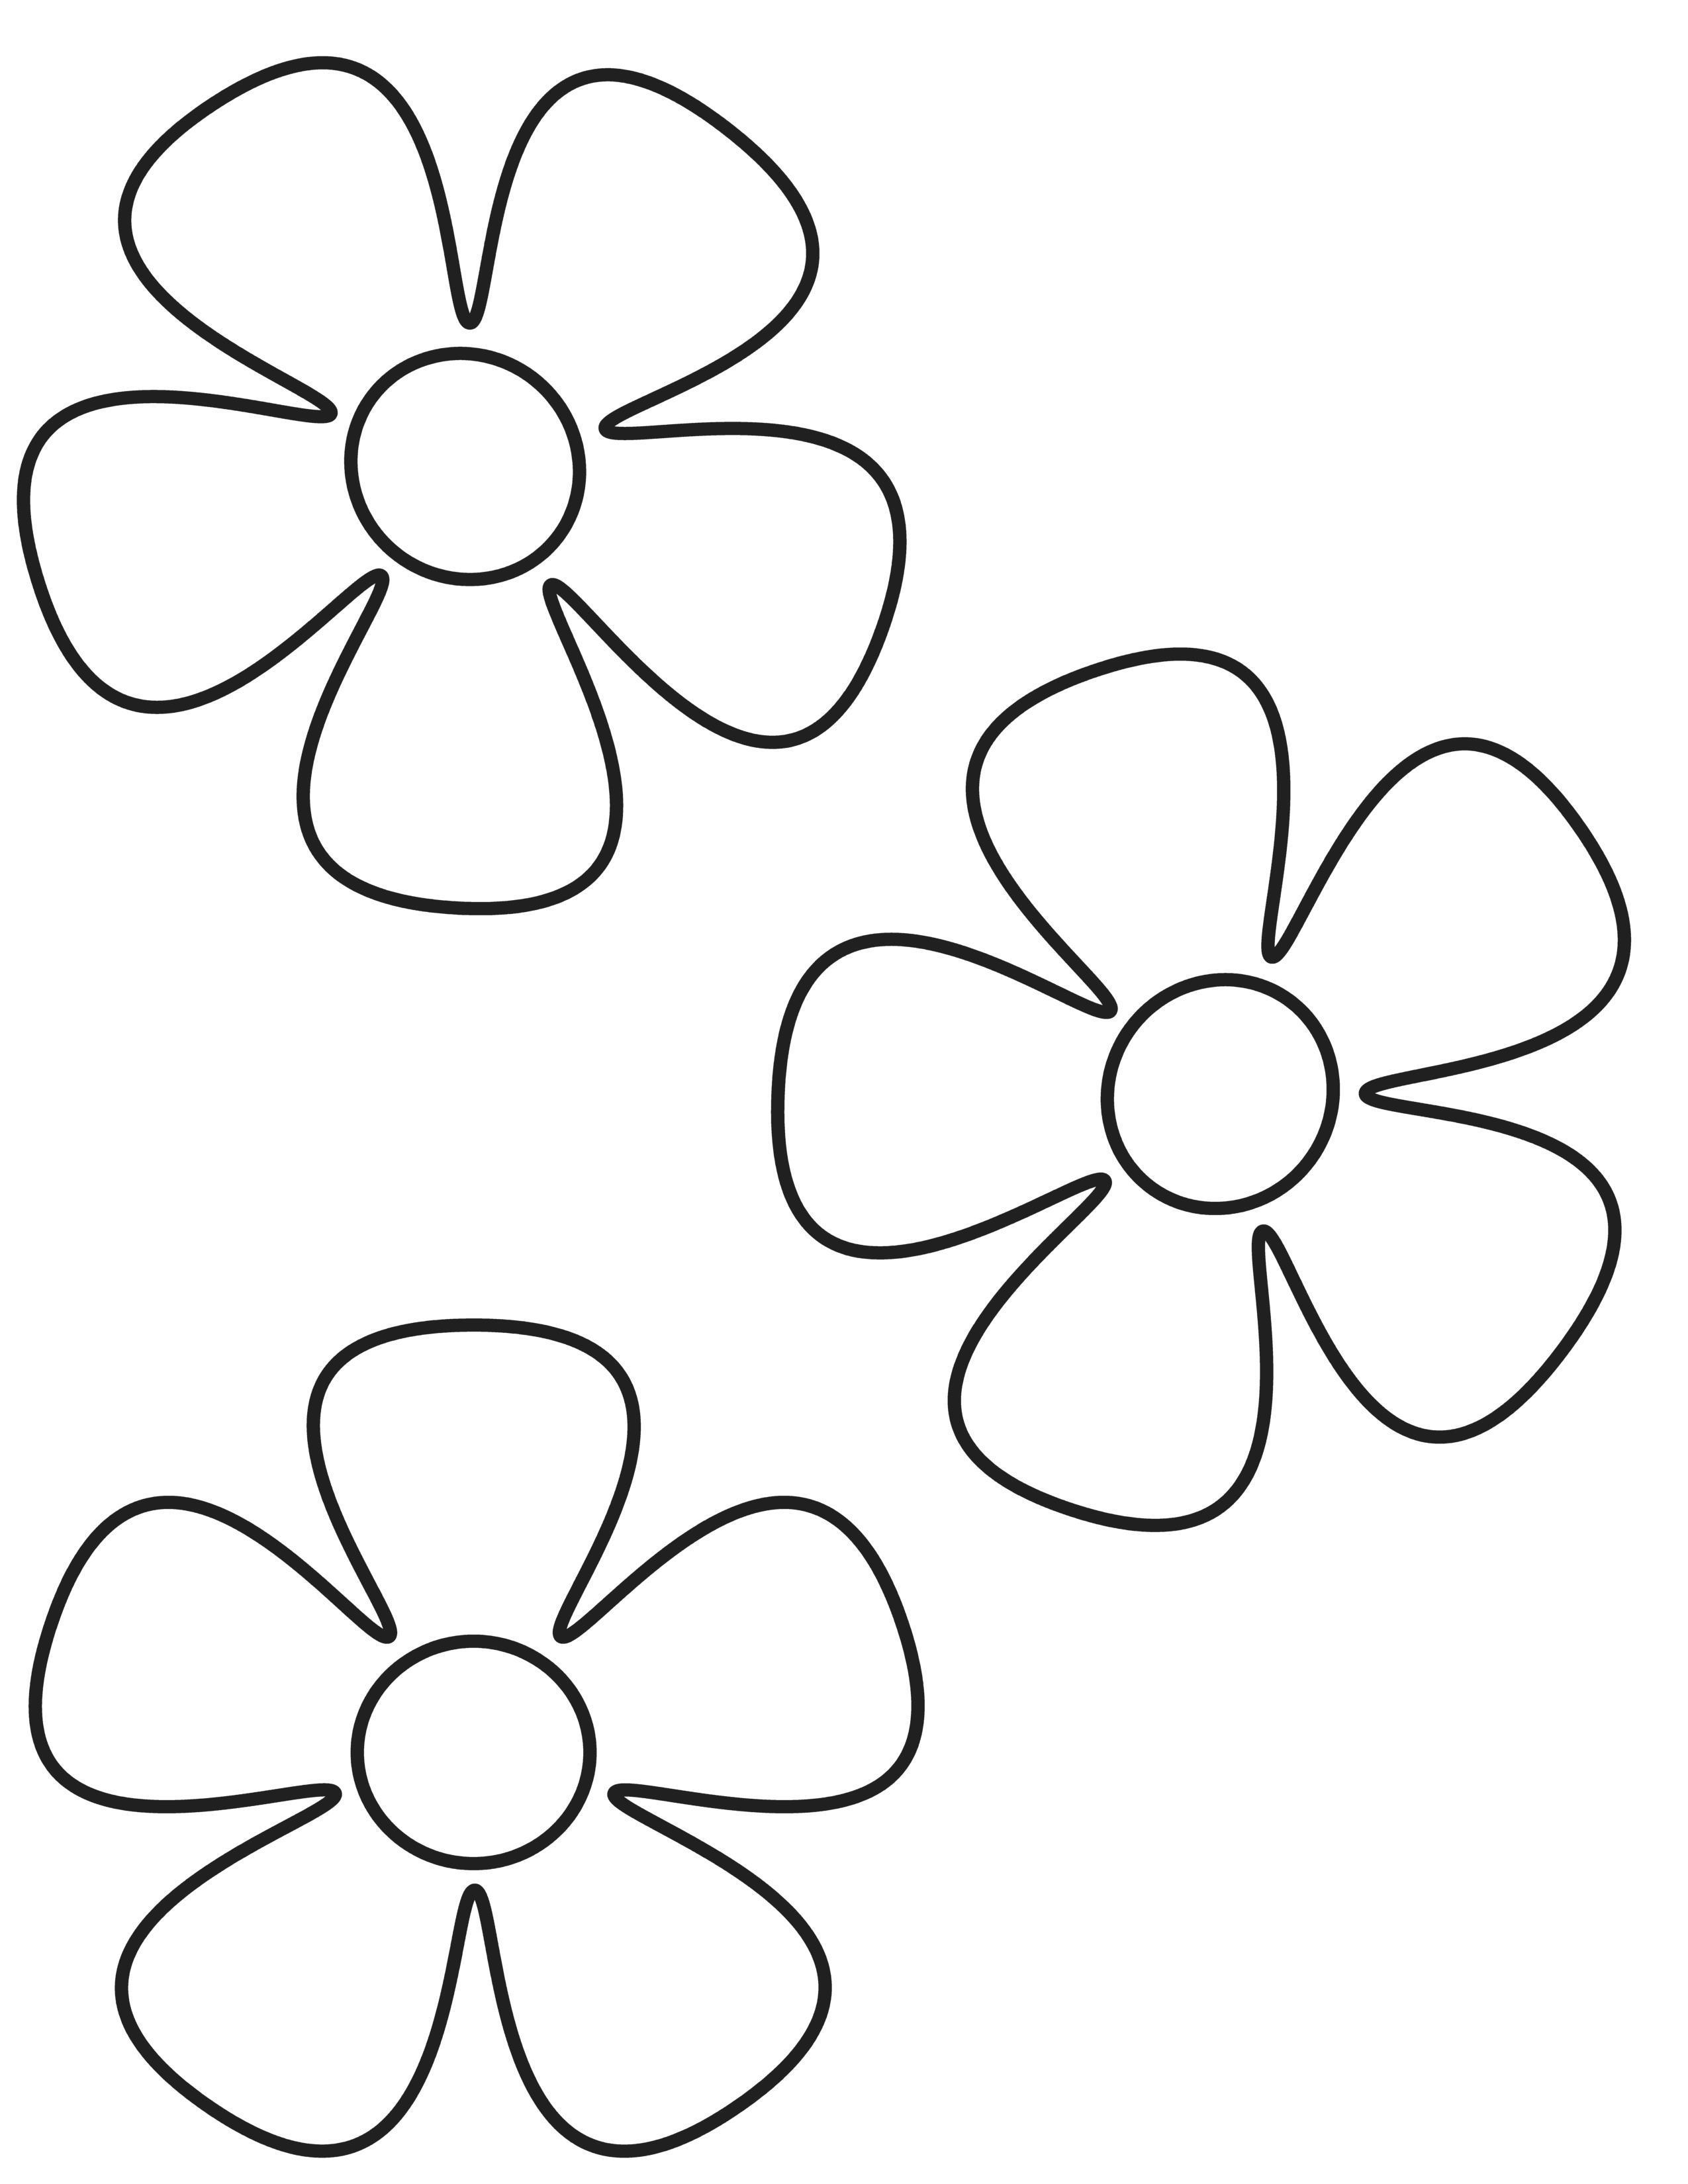 Контуры Контур цветка для поделок и аппликаций Для детей онлайн раскраски с цветамираскраски цветы